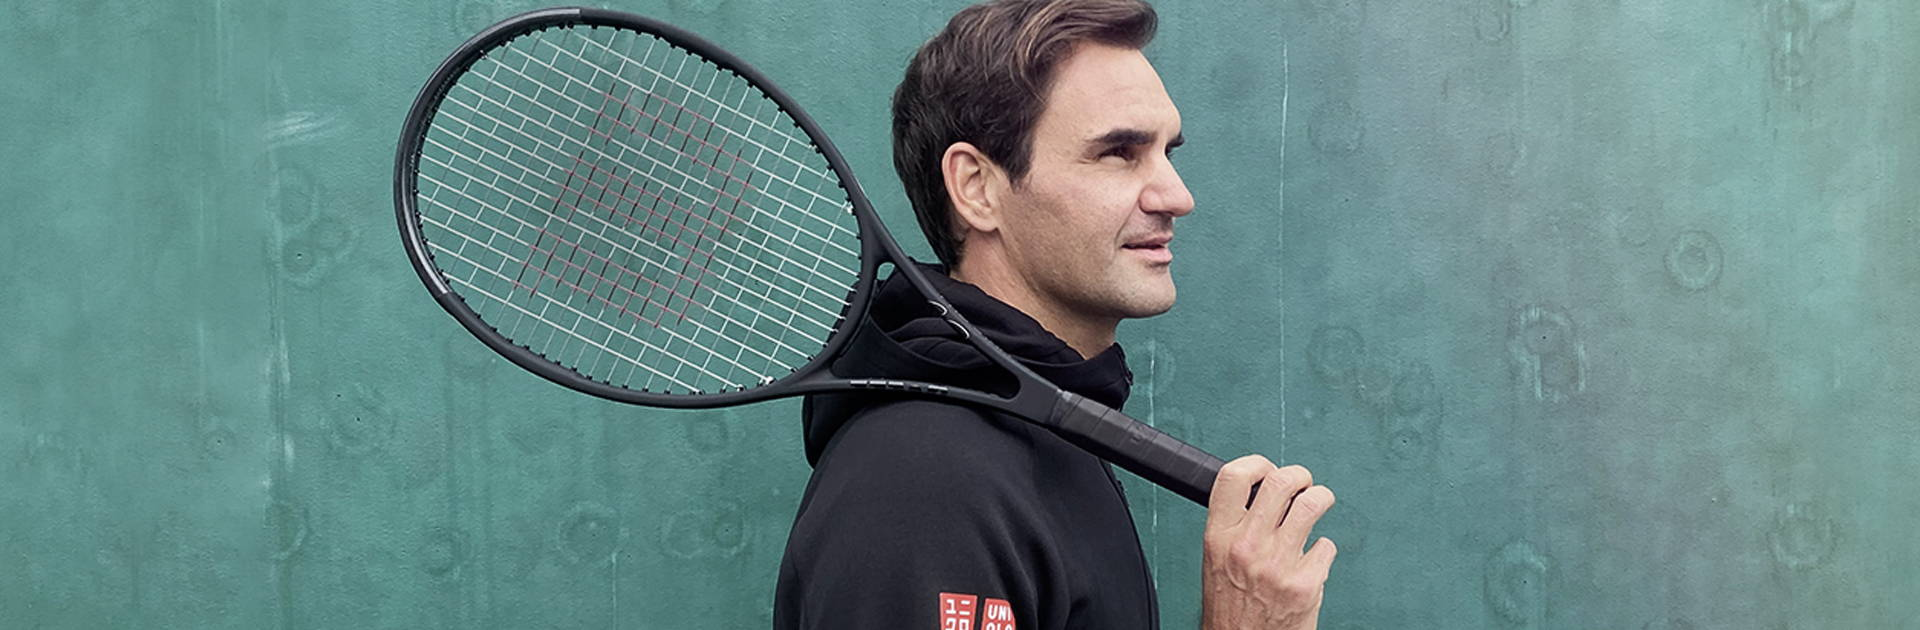 Wilson Pro Staff V13 Roger Federer Banner